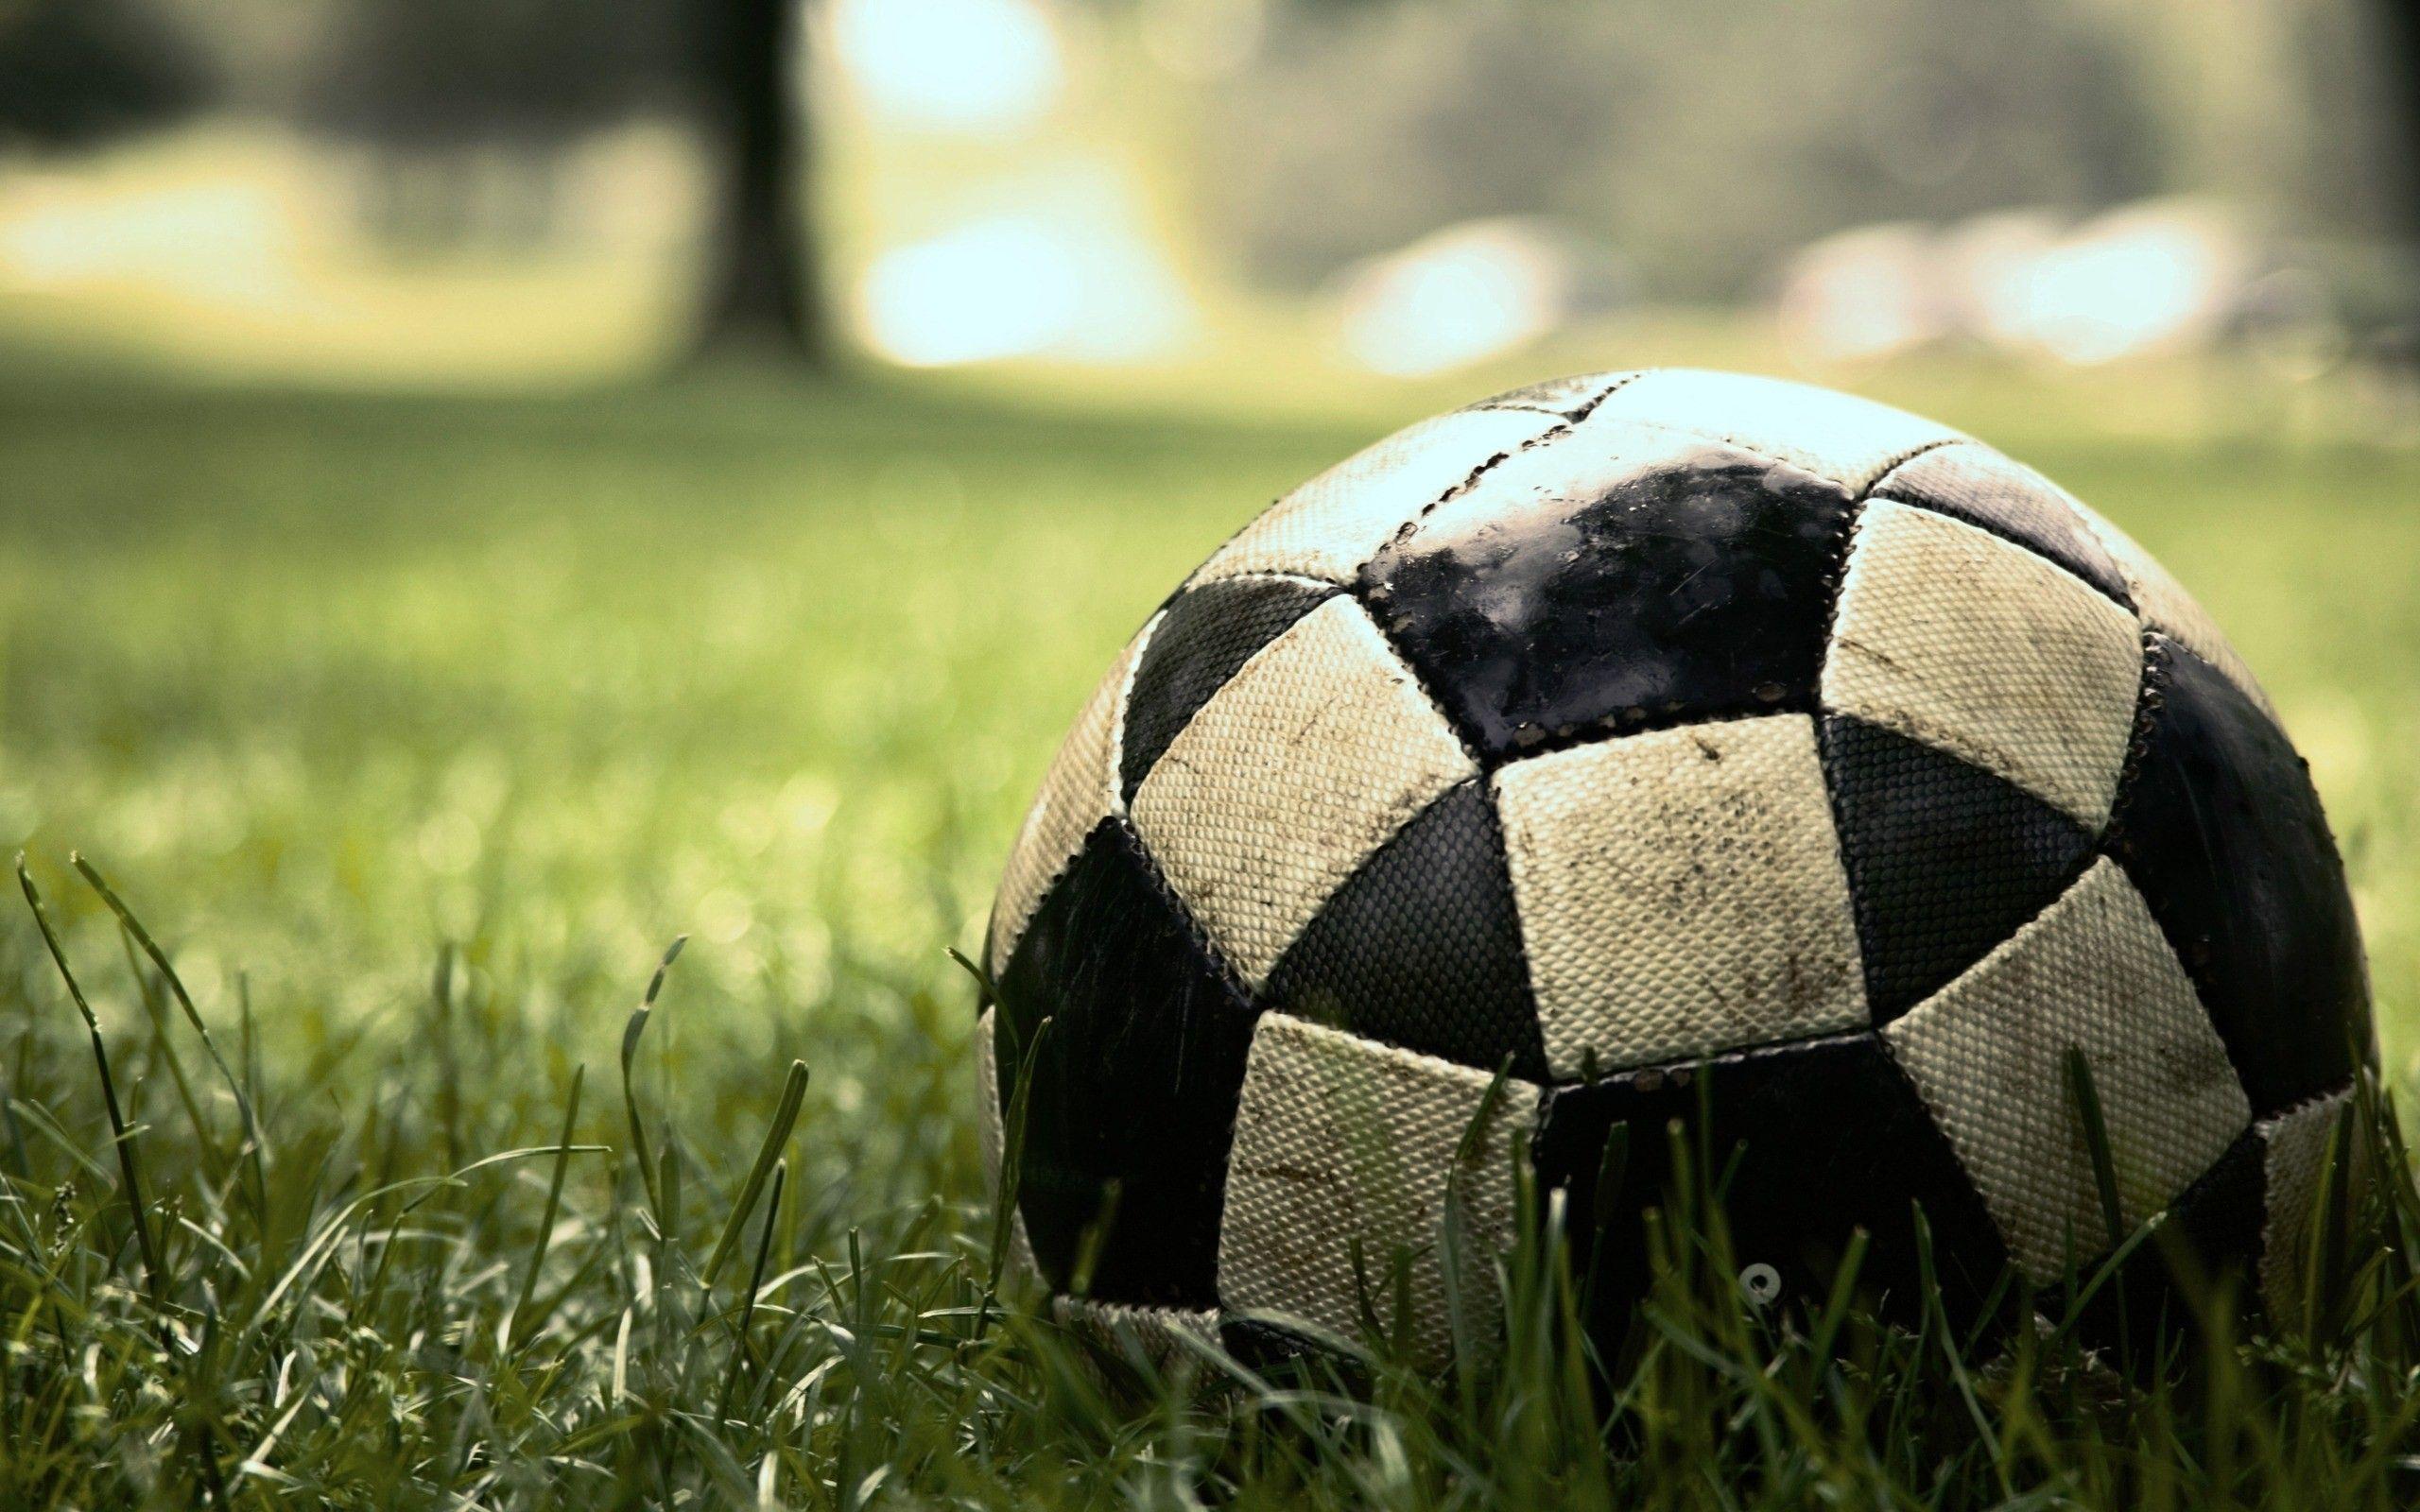 grass-ball-soccer-sport-wallpaper Balones 222836a21ba7e